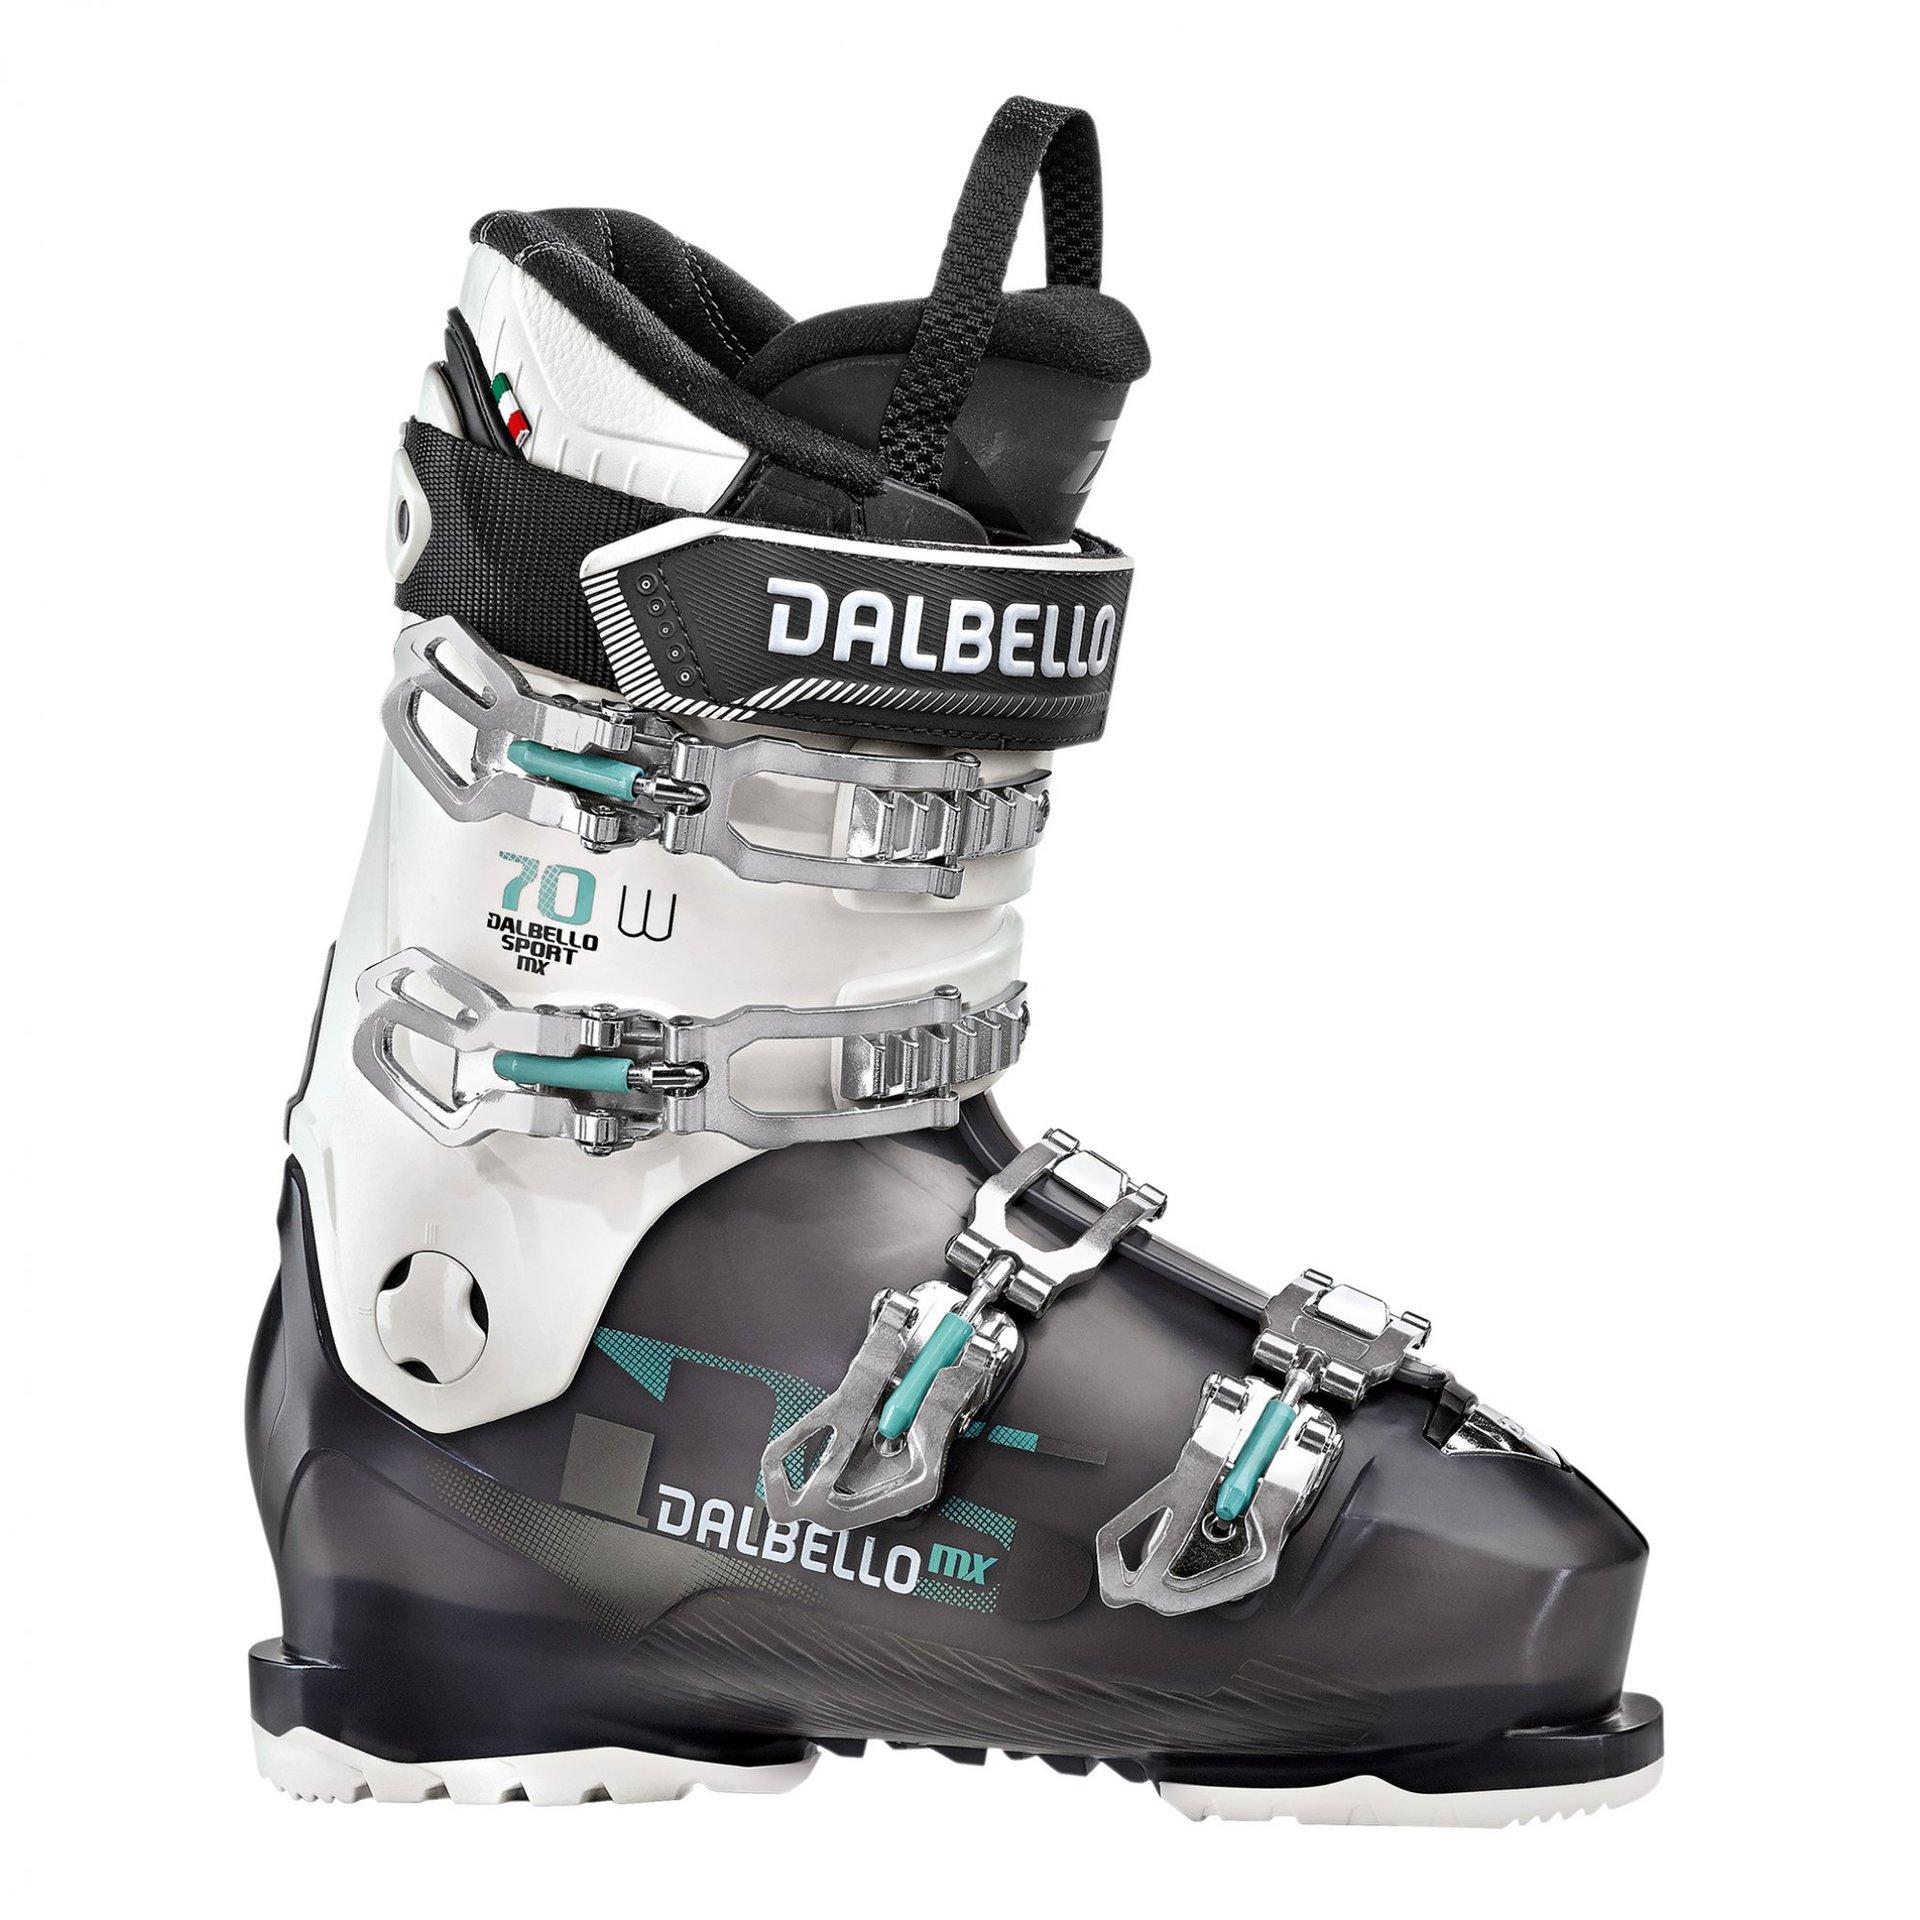 BUTY NARCIARSKIE DALBELLO DS MX 70 W D1805022.00